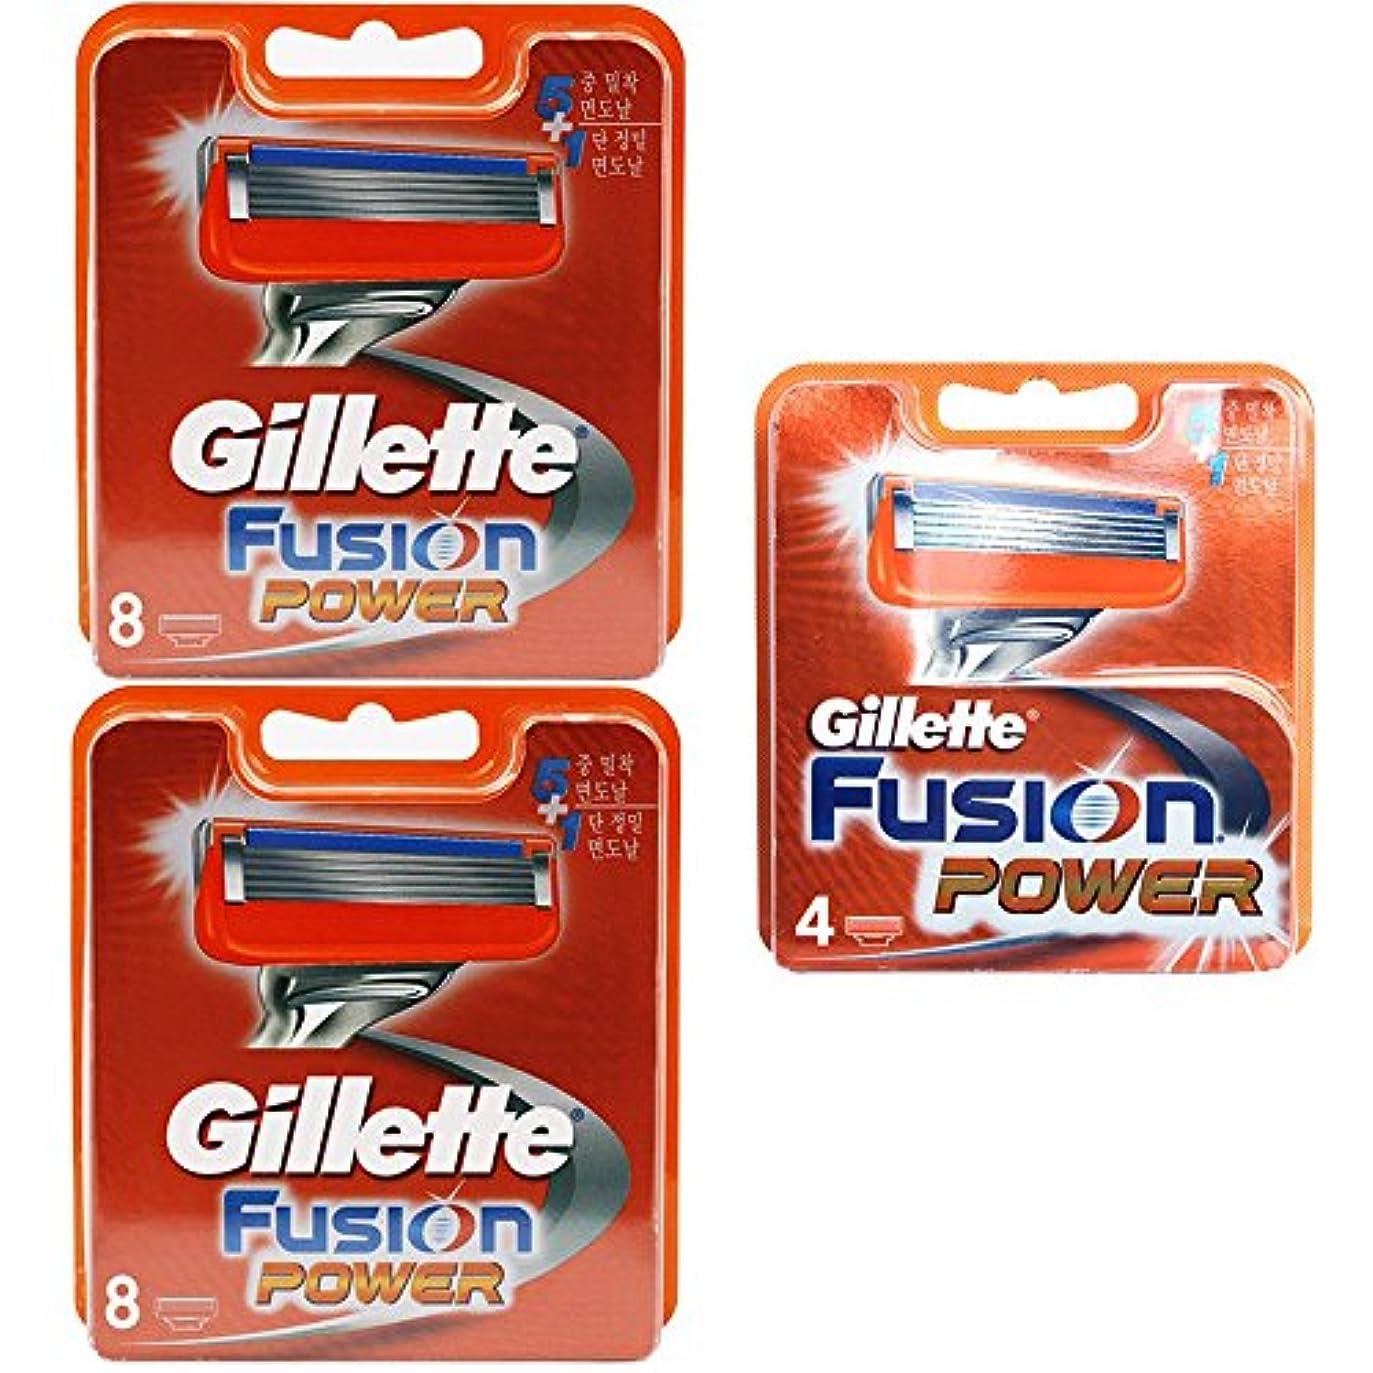 ワードローブ持続するどうやらGillette Fusion Power Blades Cartridges 本物のドイツ製 20 Pack [並行輸入品]